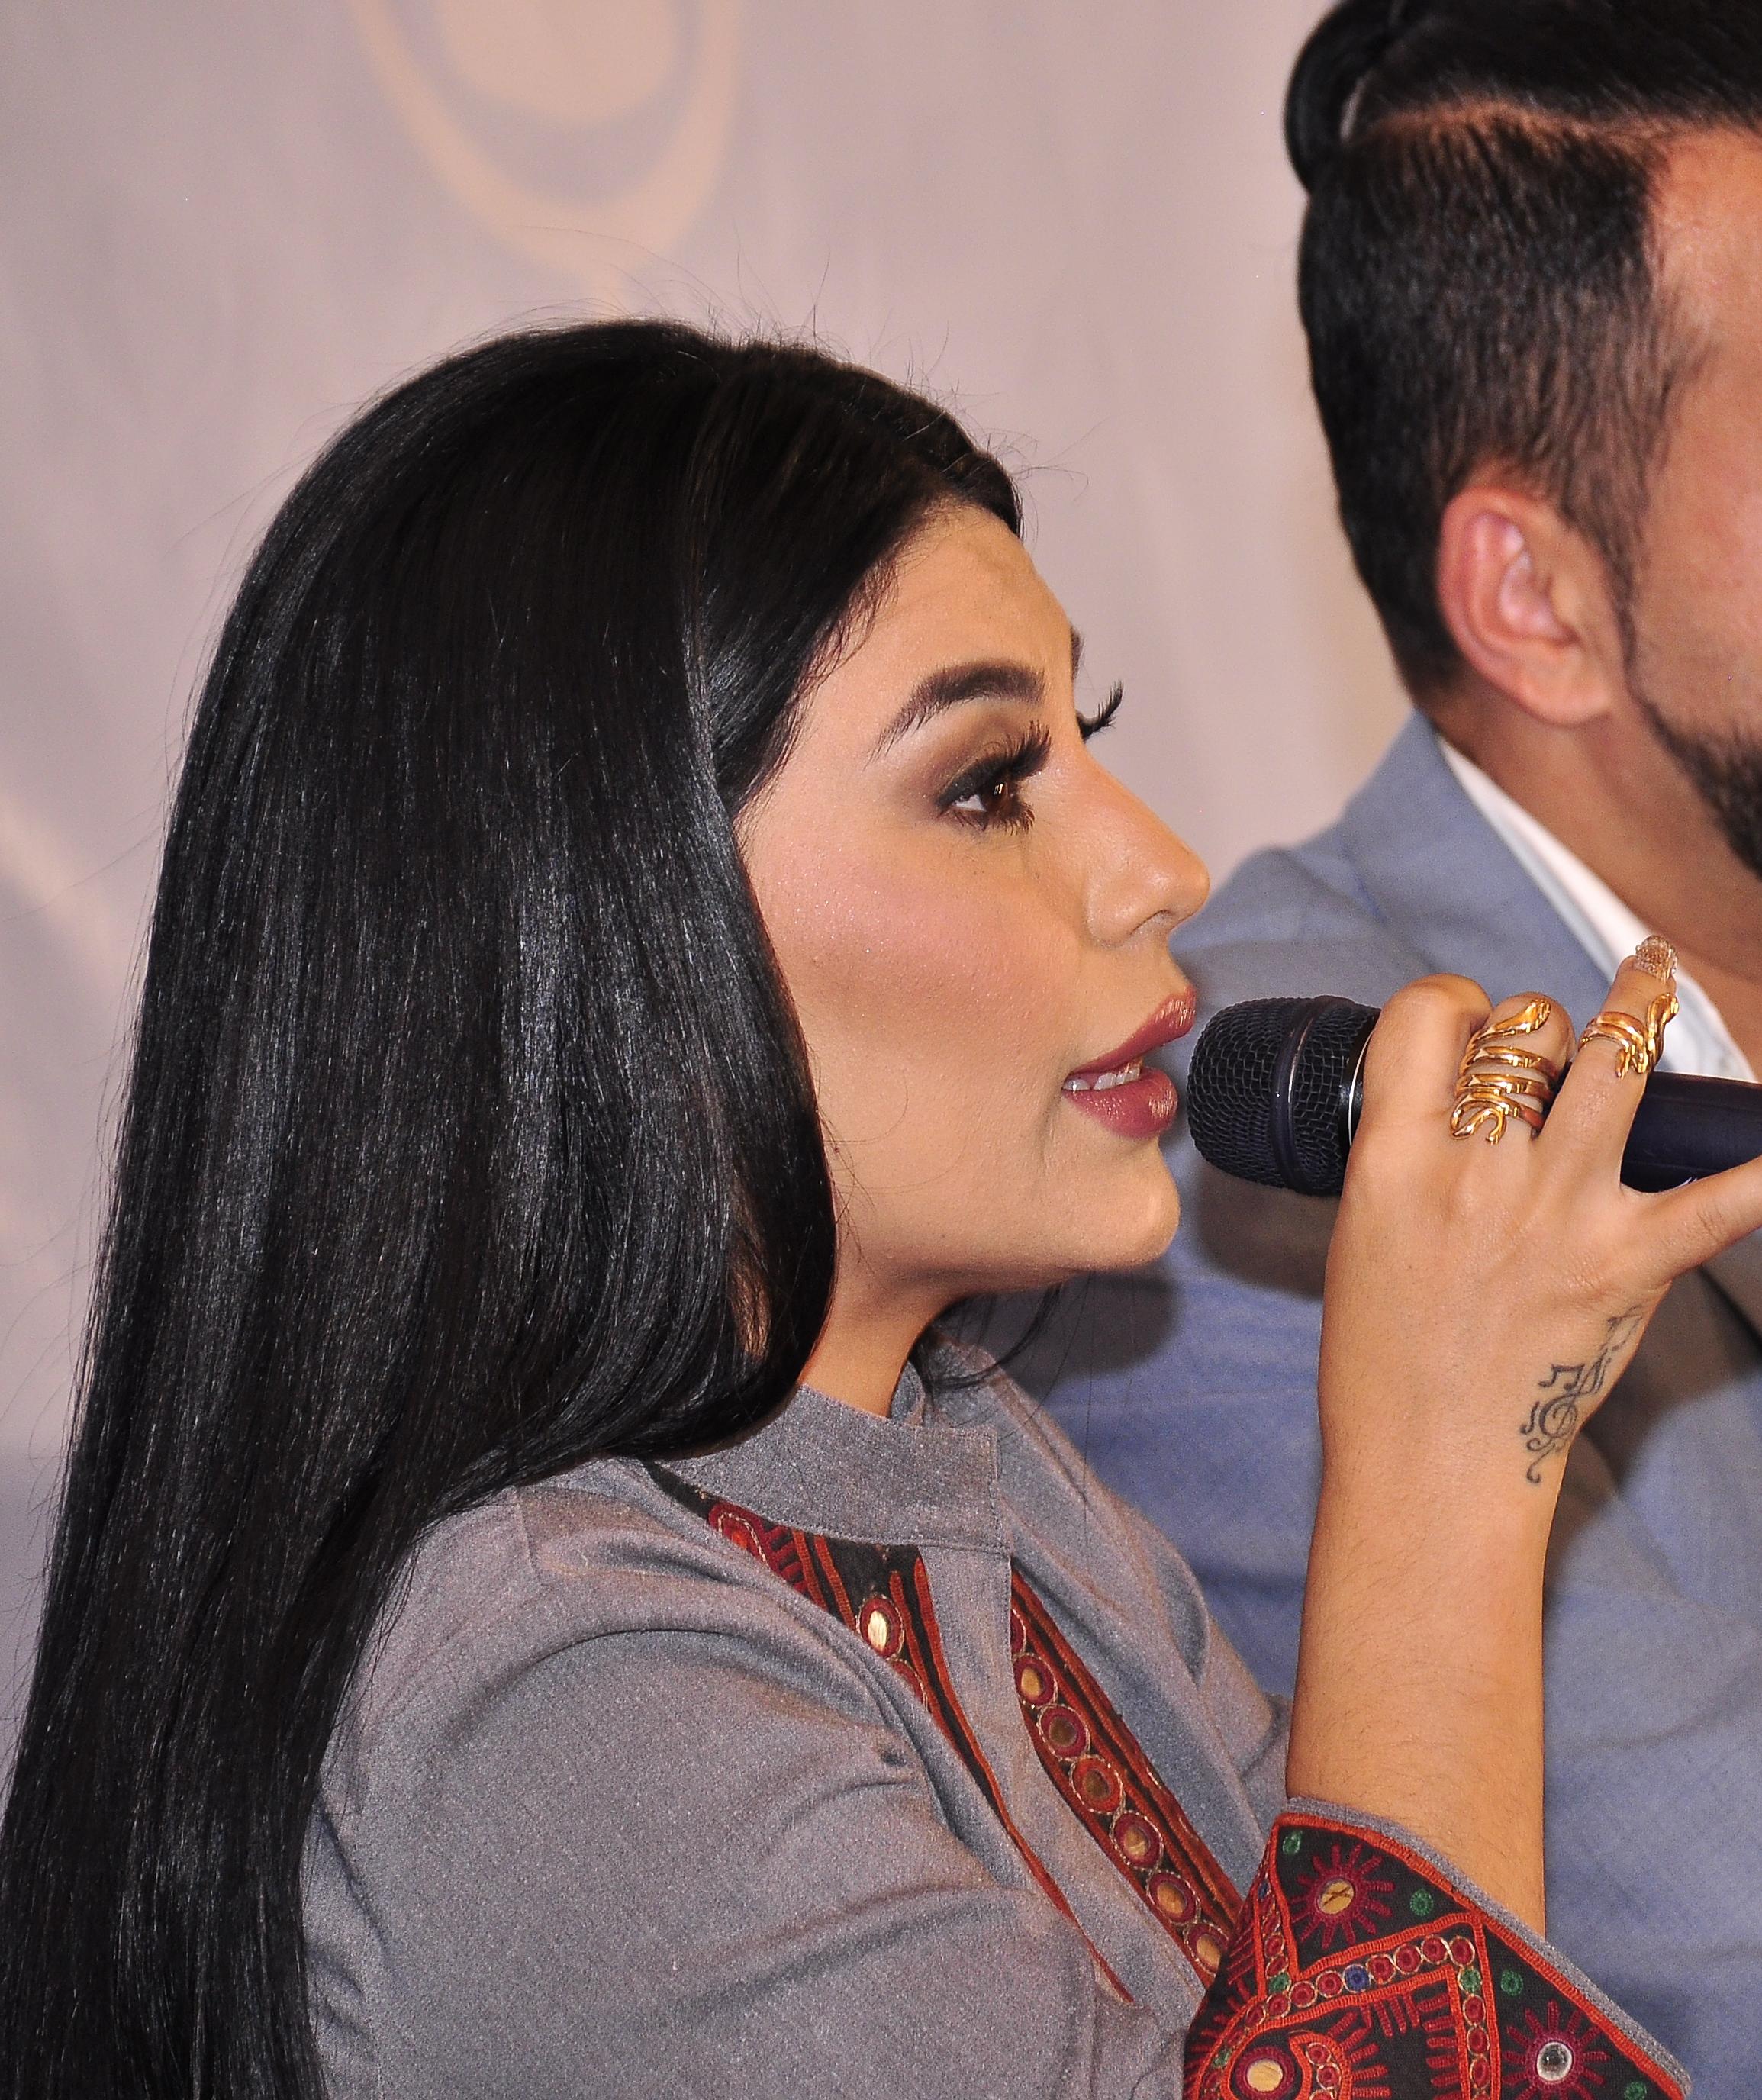 Aryana Sayeed - Wikipedia